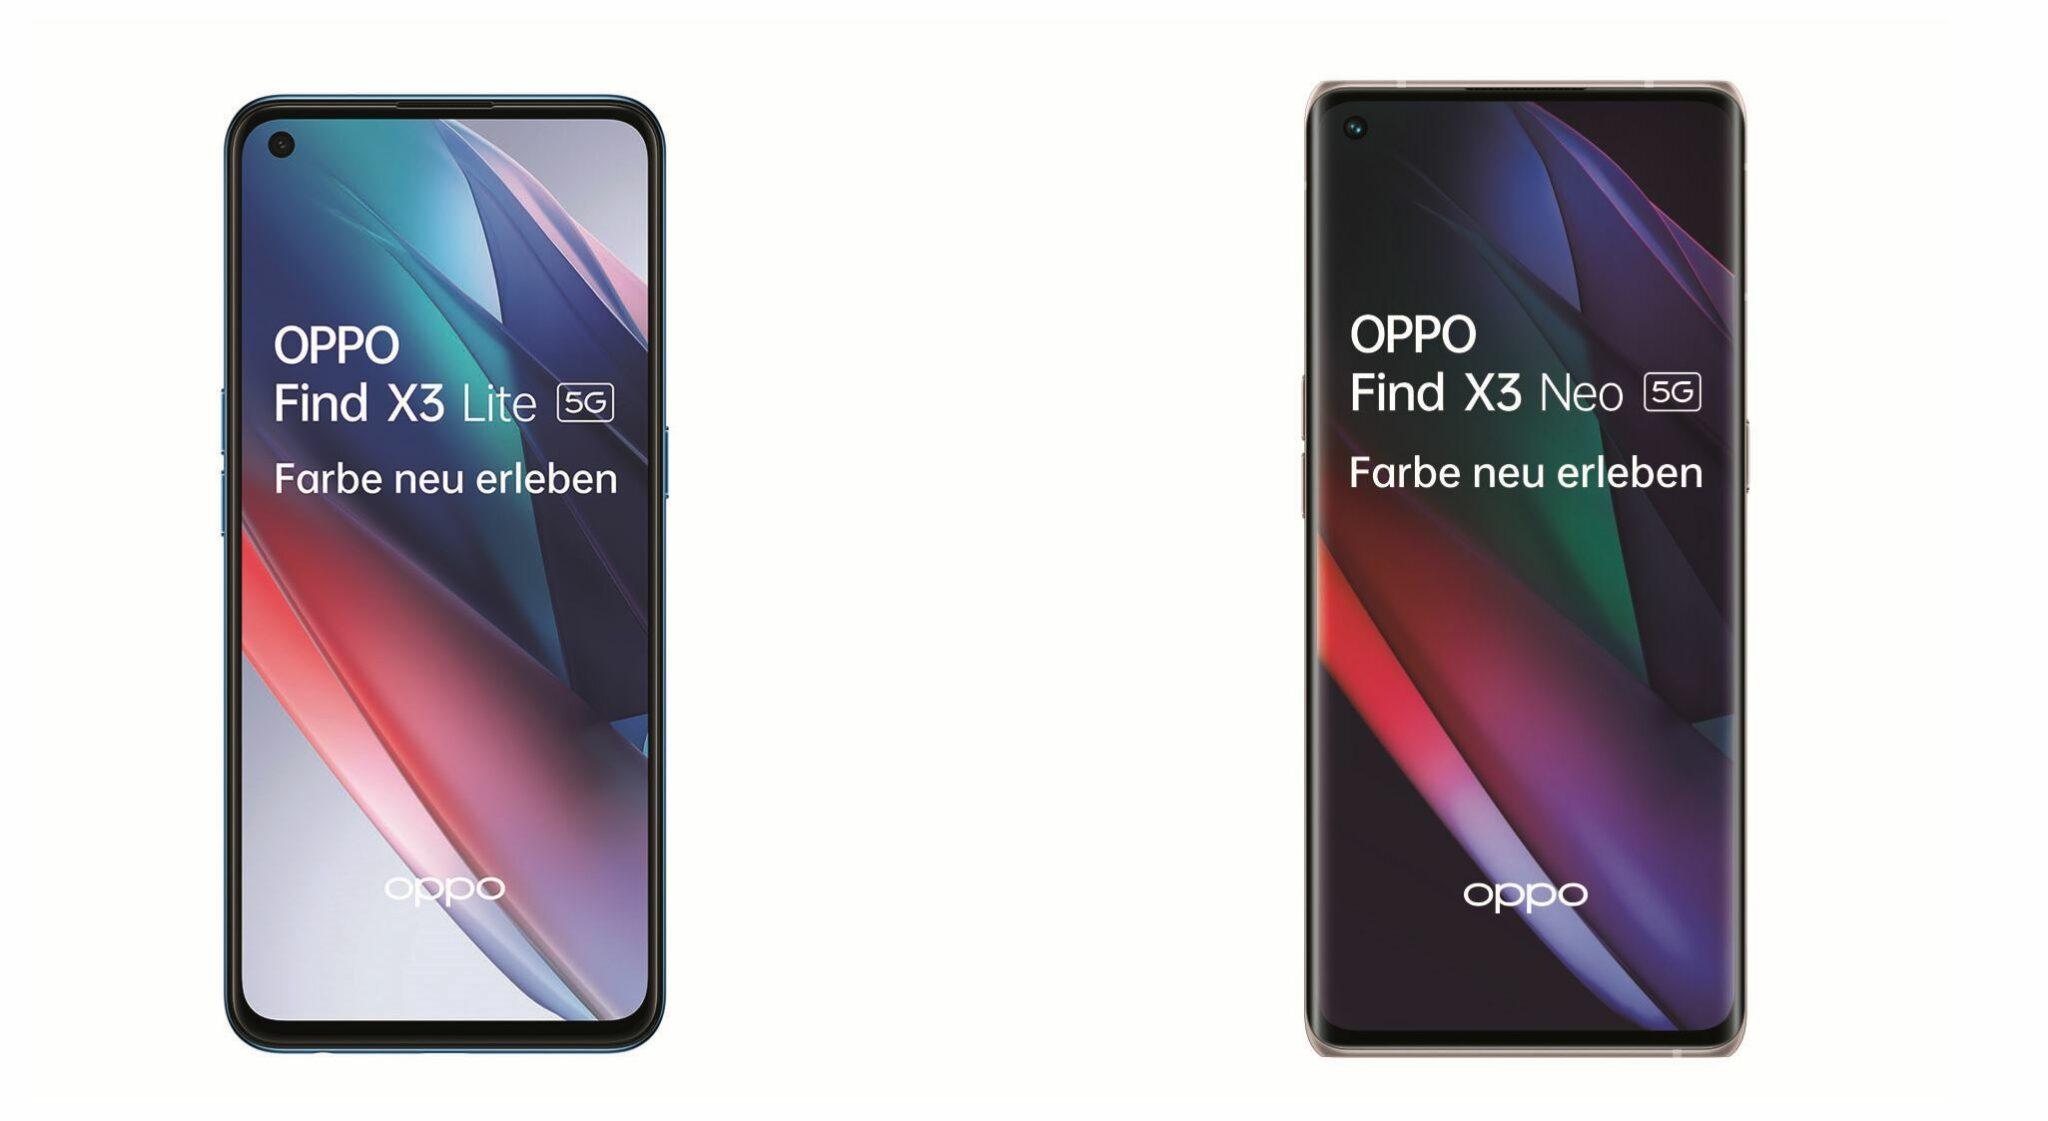 OPPO FIND X3 Lite OPPO Find X3 Neo